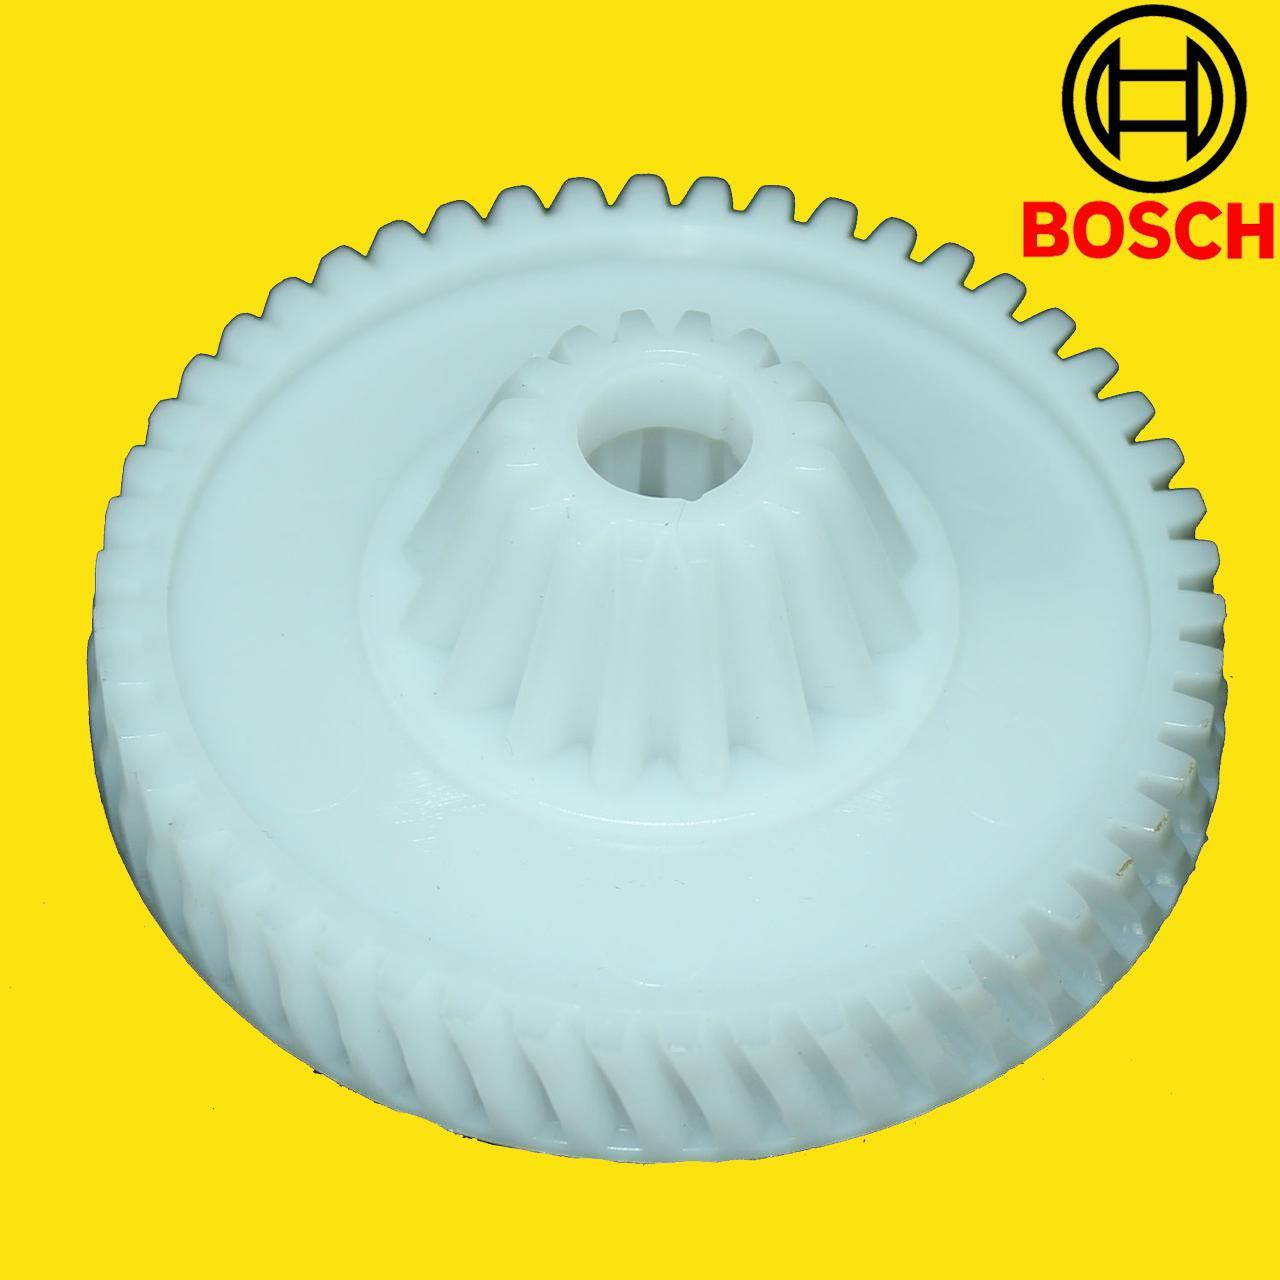 Шестерня для мясорубки Bosch MFW 152314, Шестерня для кухонного комбайна Бош